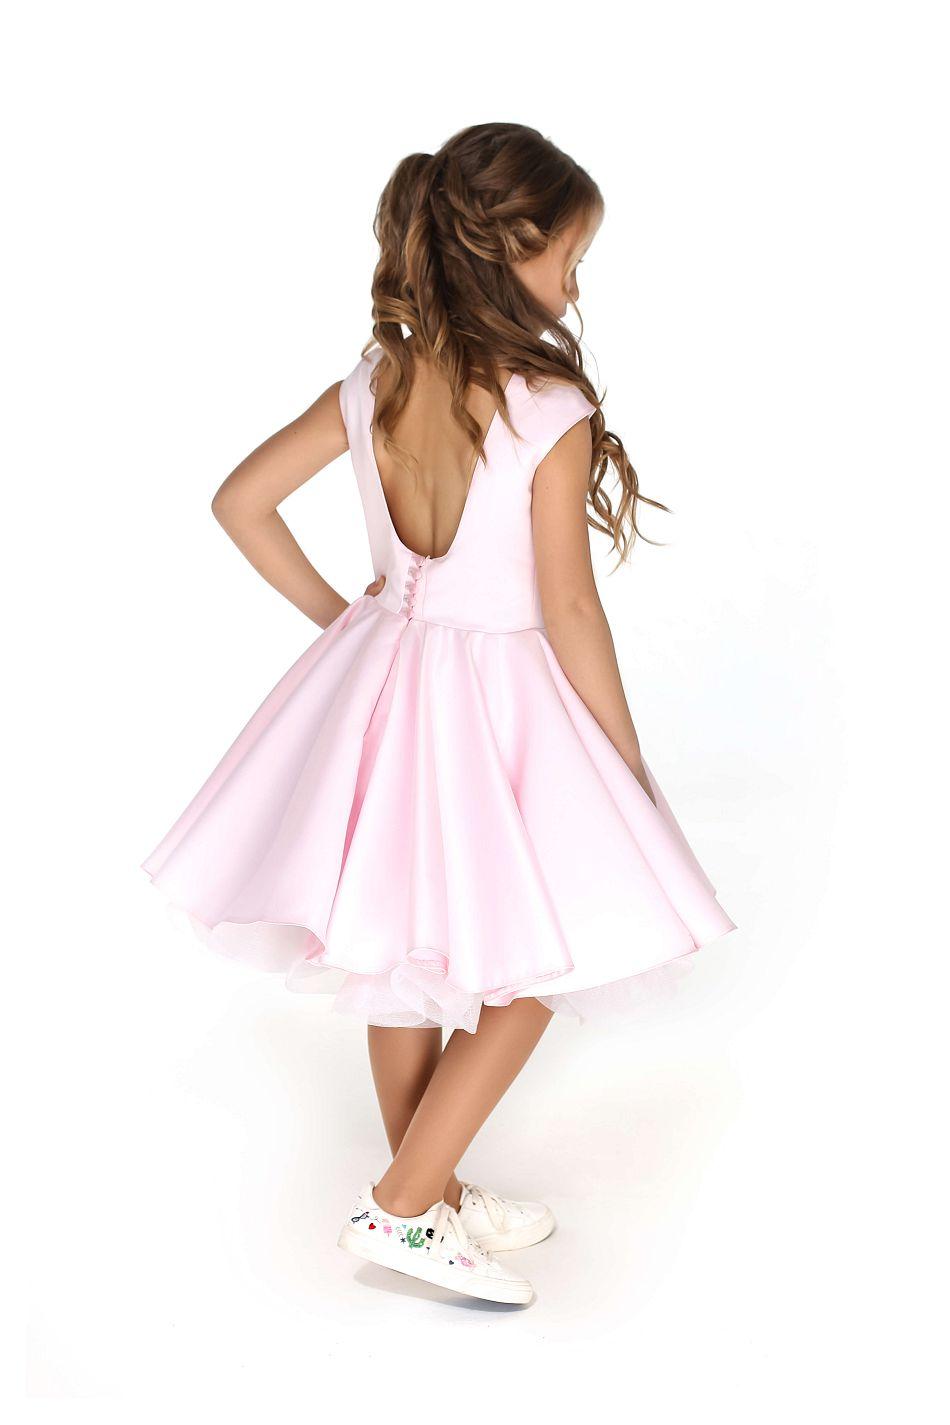 Нежно-розовое платье на девочку нарядное